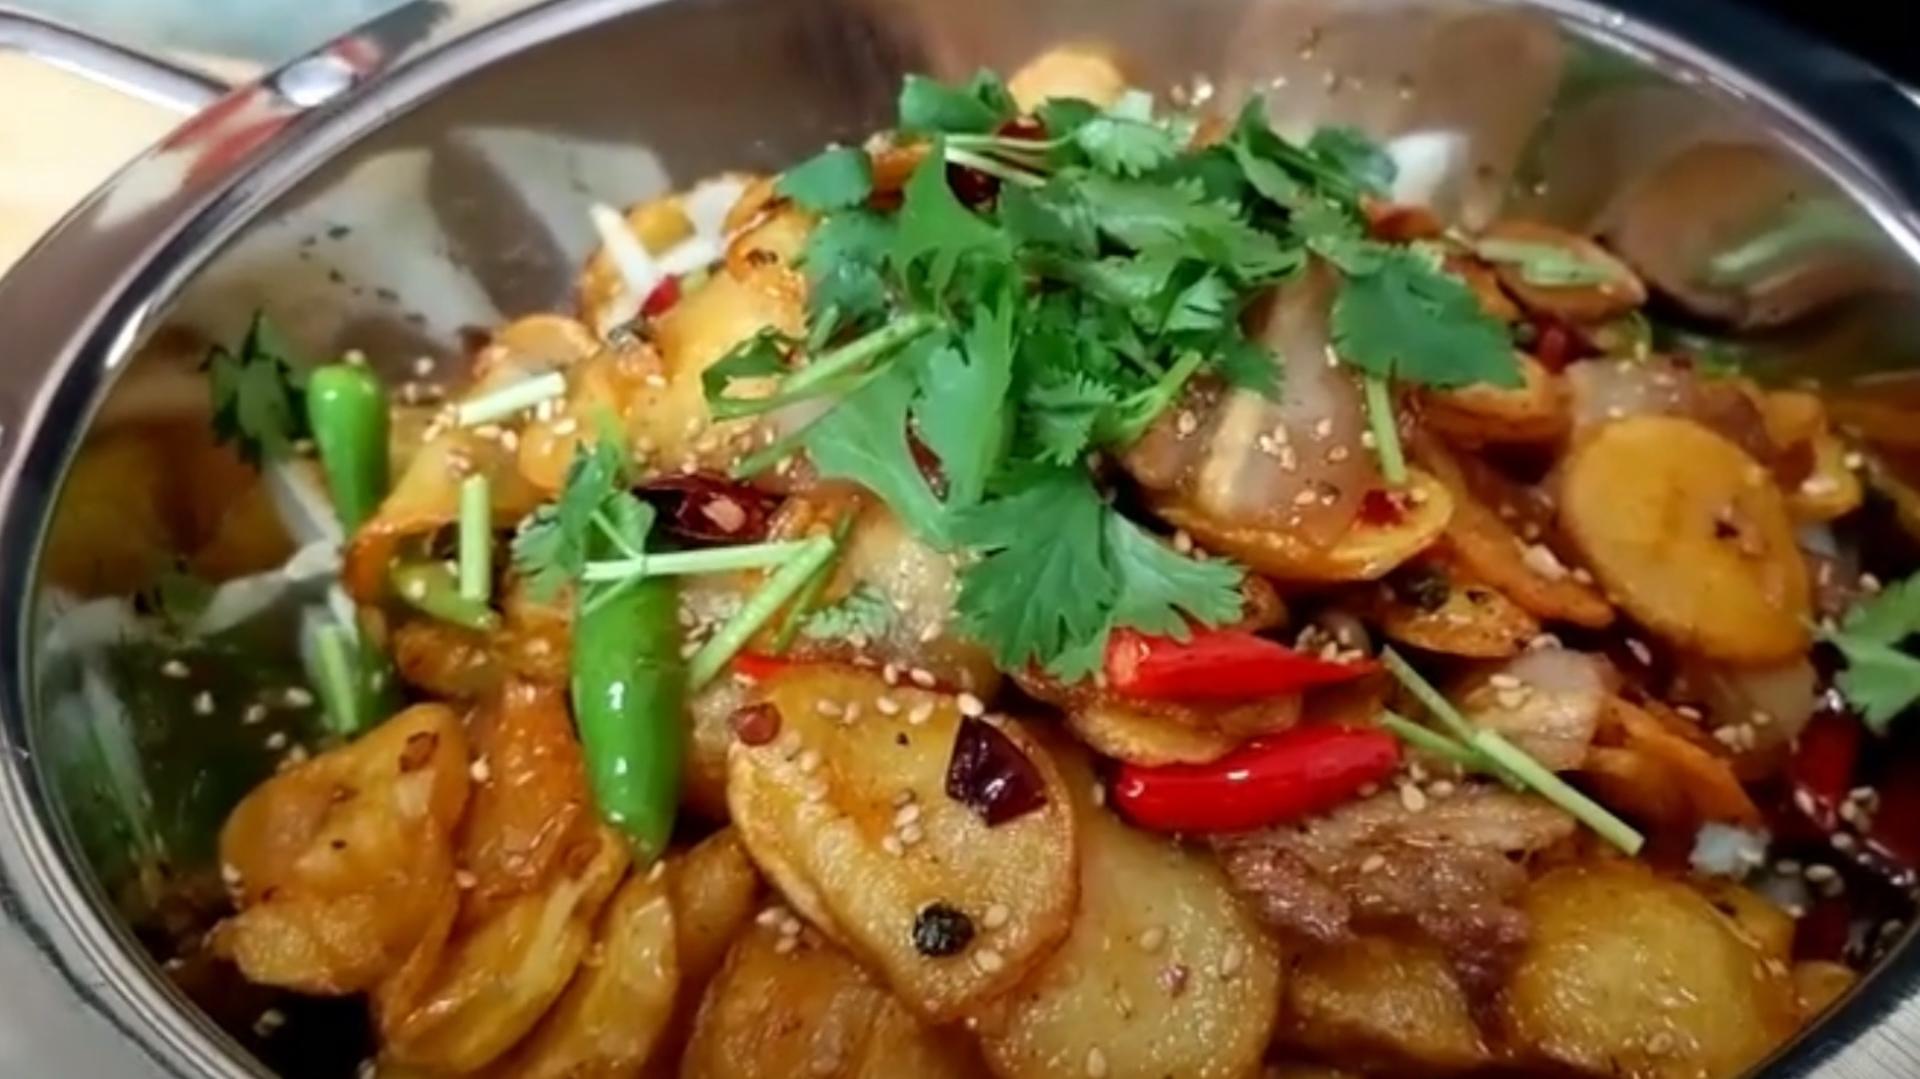 关于干锅的做法的信息  第2张